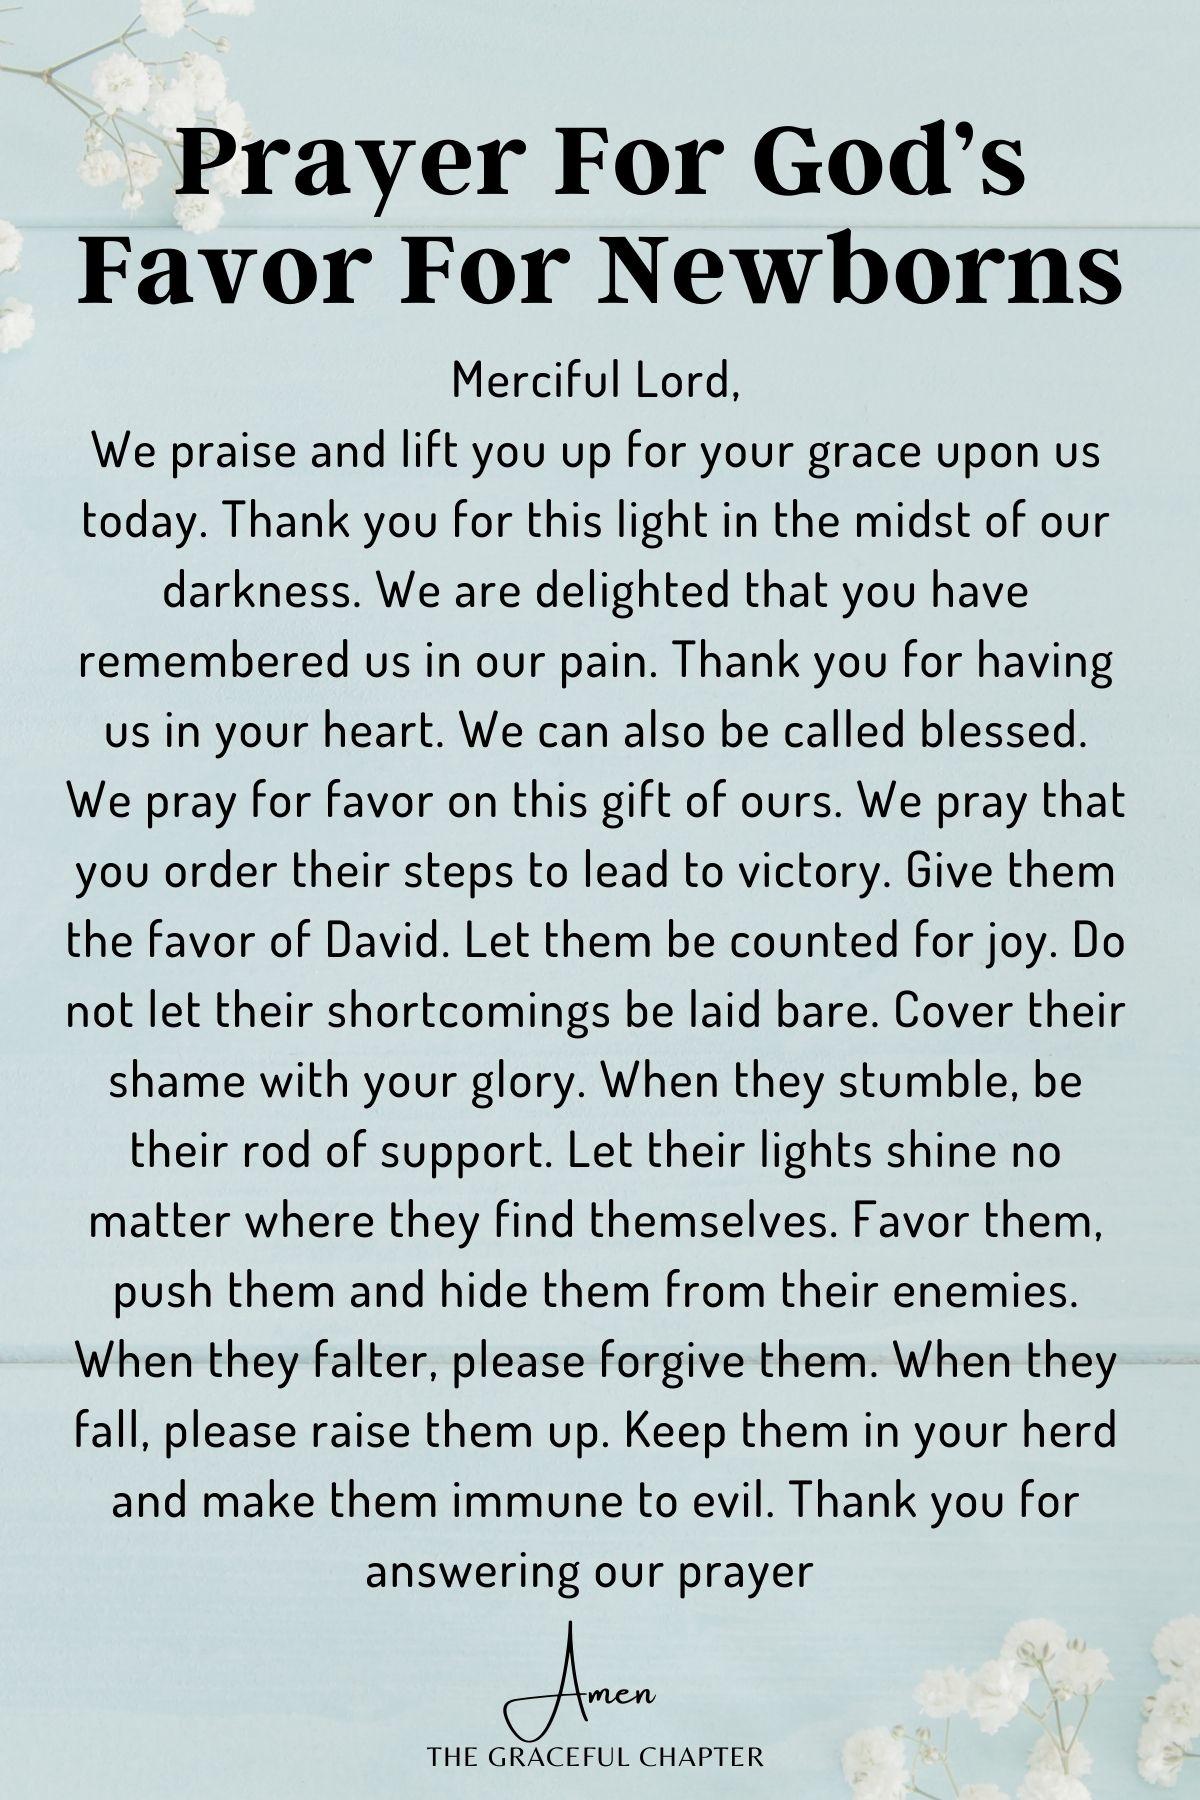 Prayer for God's favor for newborns - prayers for newborns